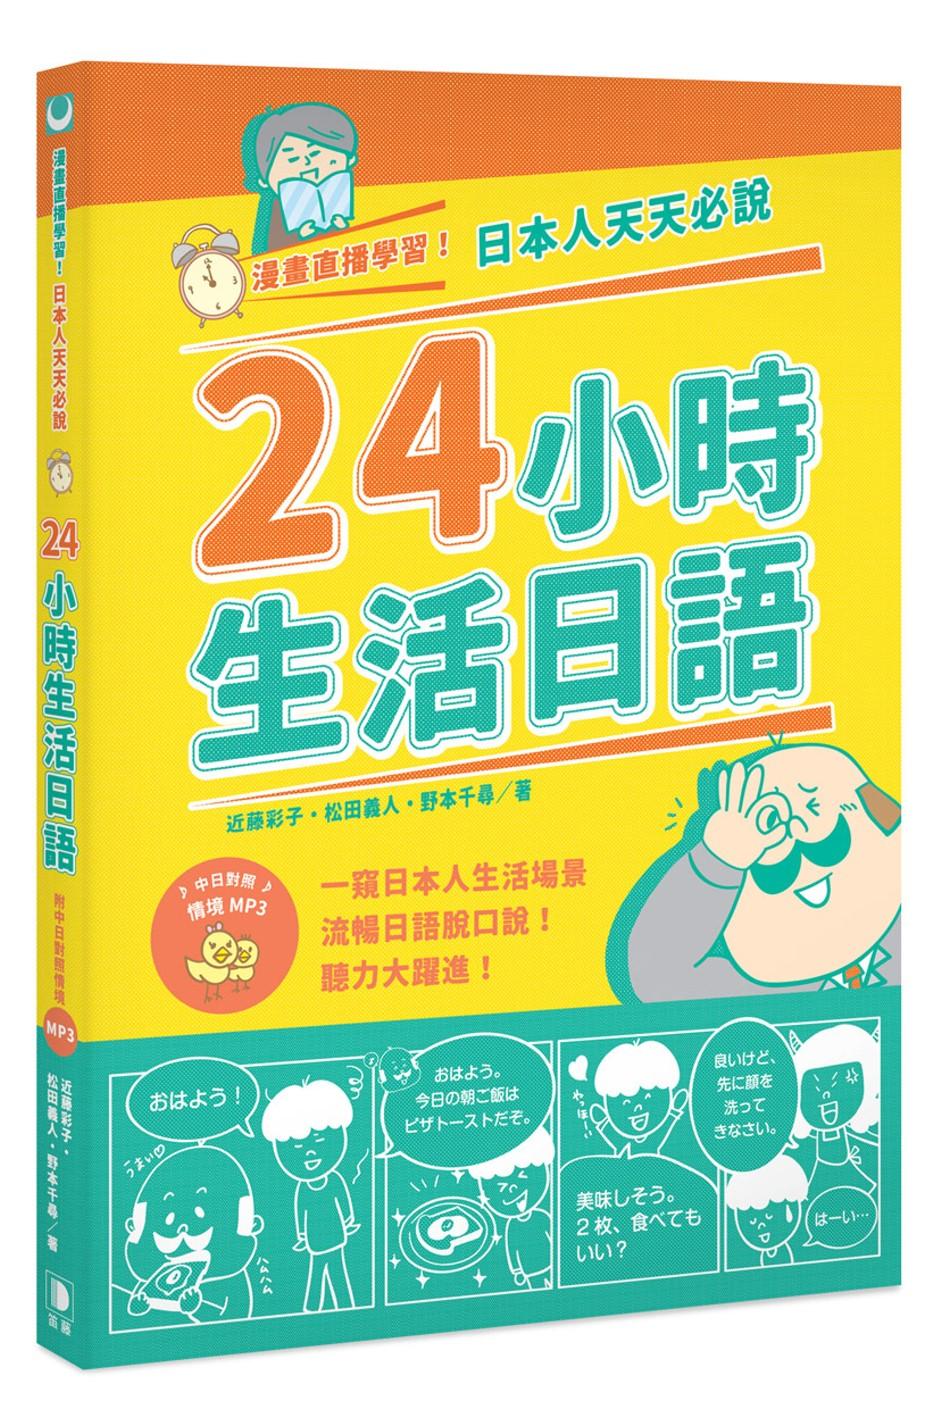 漫畫直播學習!日本人天天必說24小時生活日語(附中日對照情境MP3)(二版)